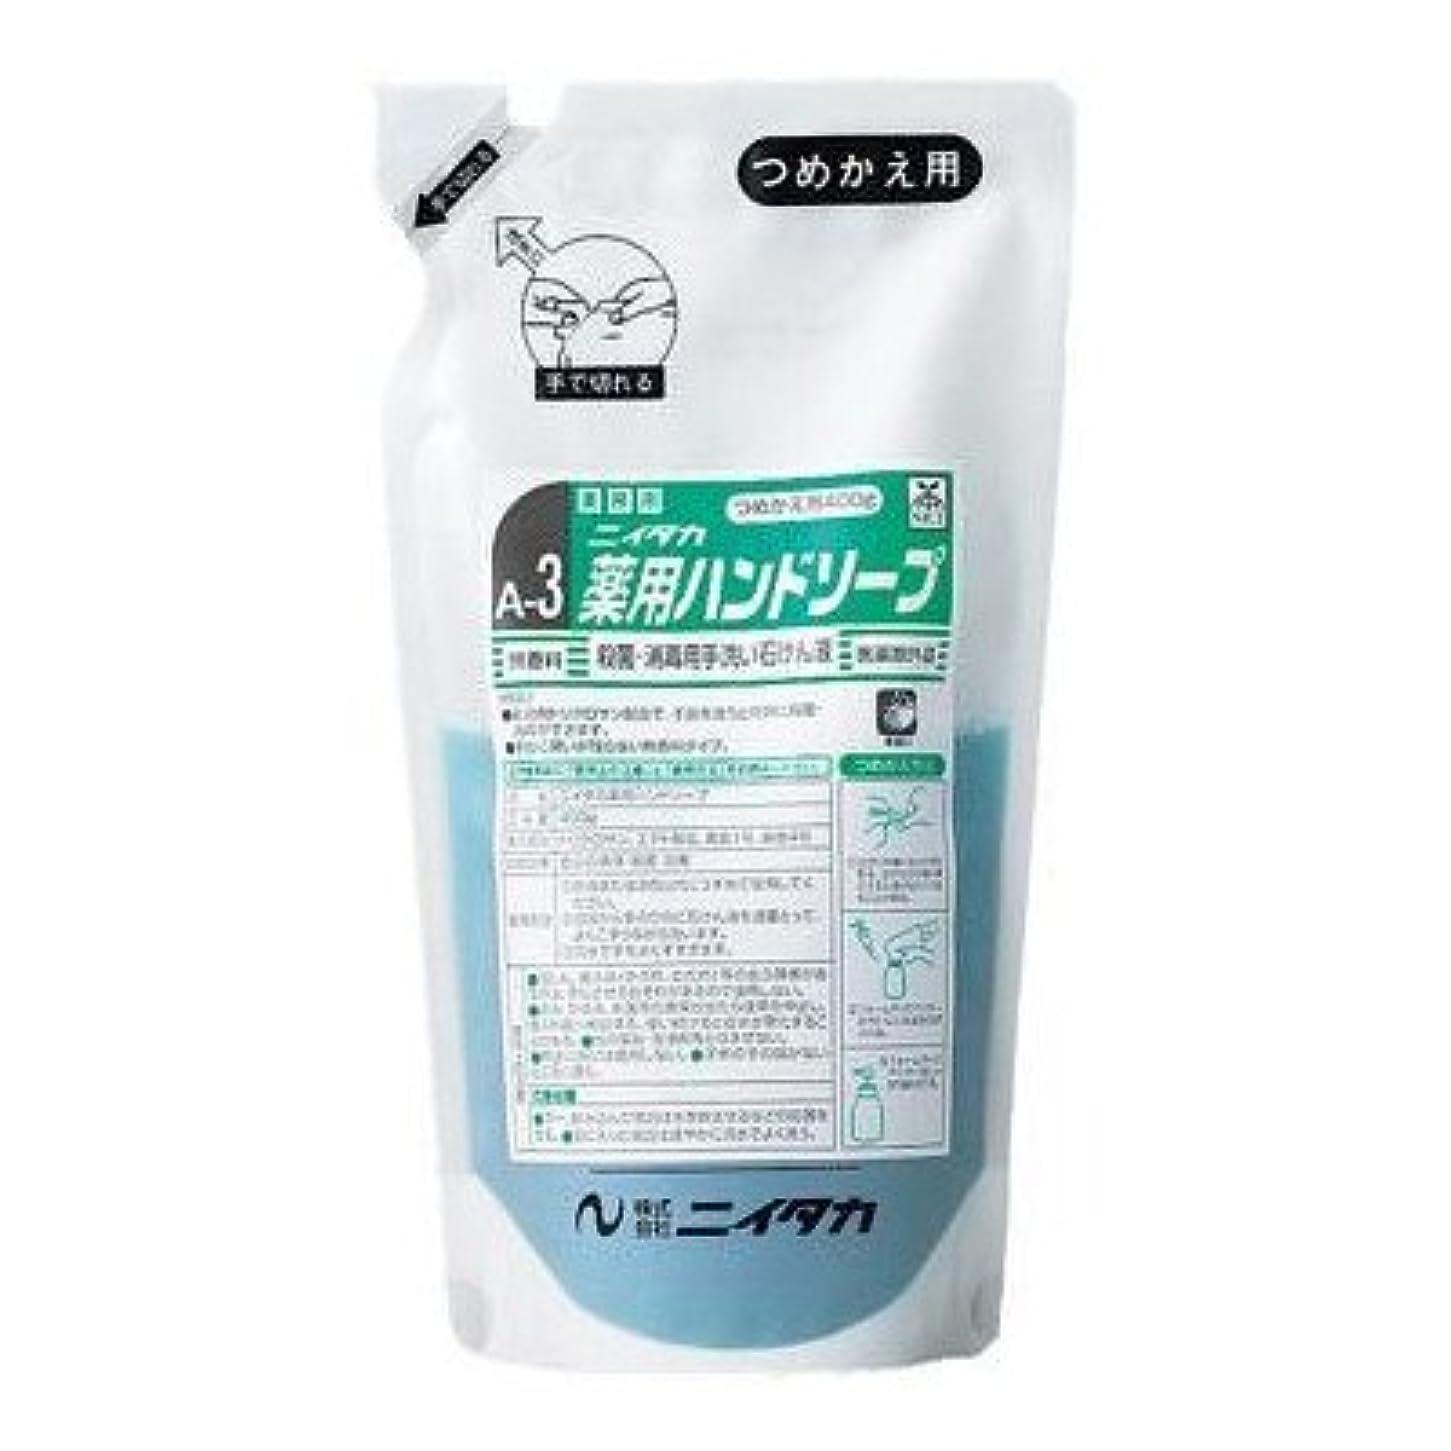 憎しみこだわり救援ニイタカ 業務用手洗い石けん液 薬用ハンドソープ(A-3) 400g×6本